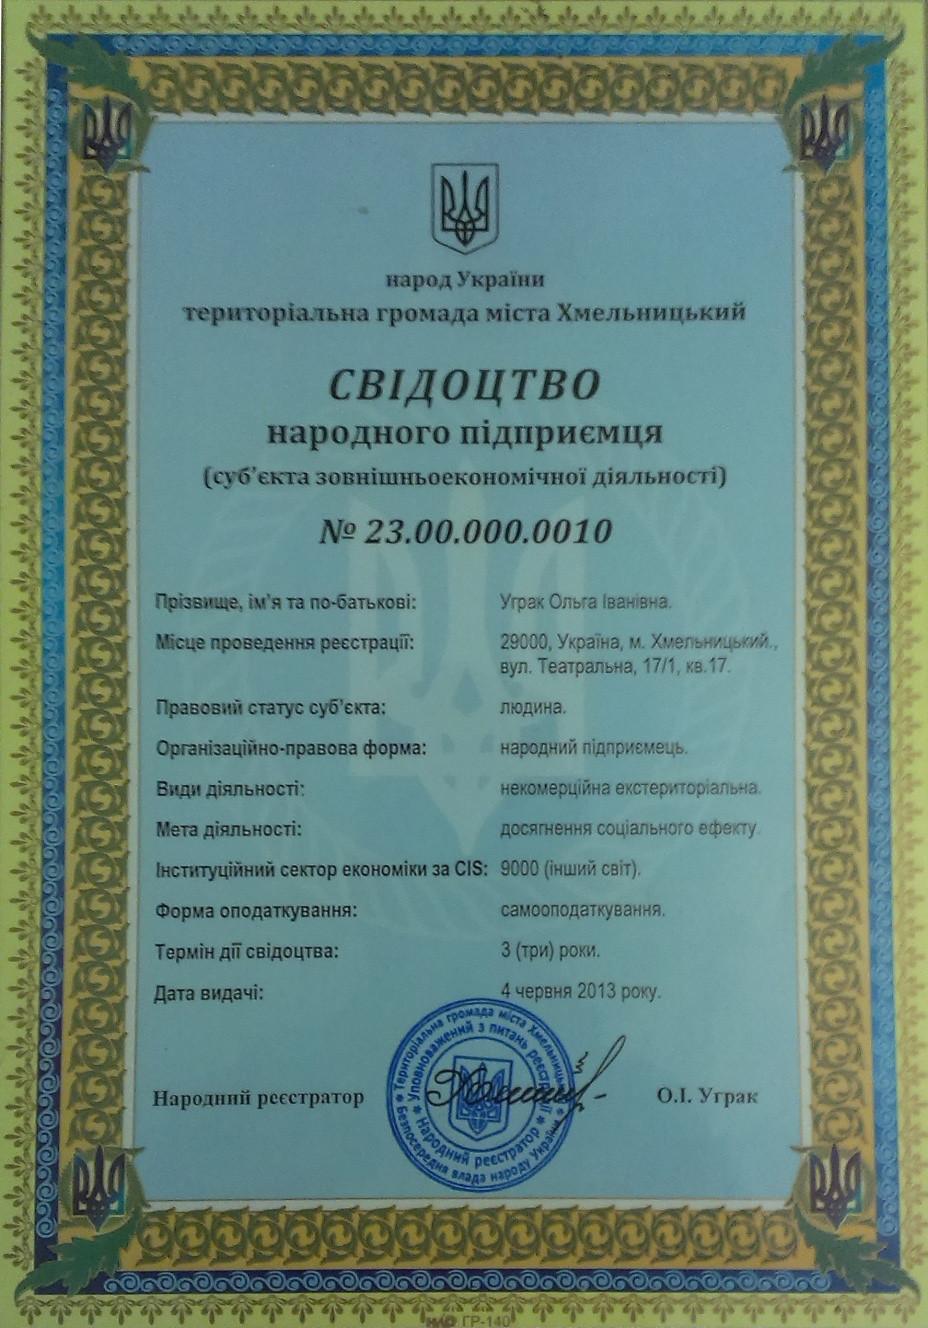 В Украине нашли альтернативный способ регистрации ТС без участия МРЭО 1